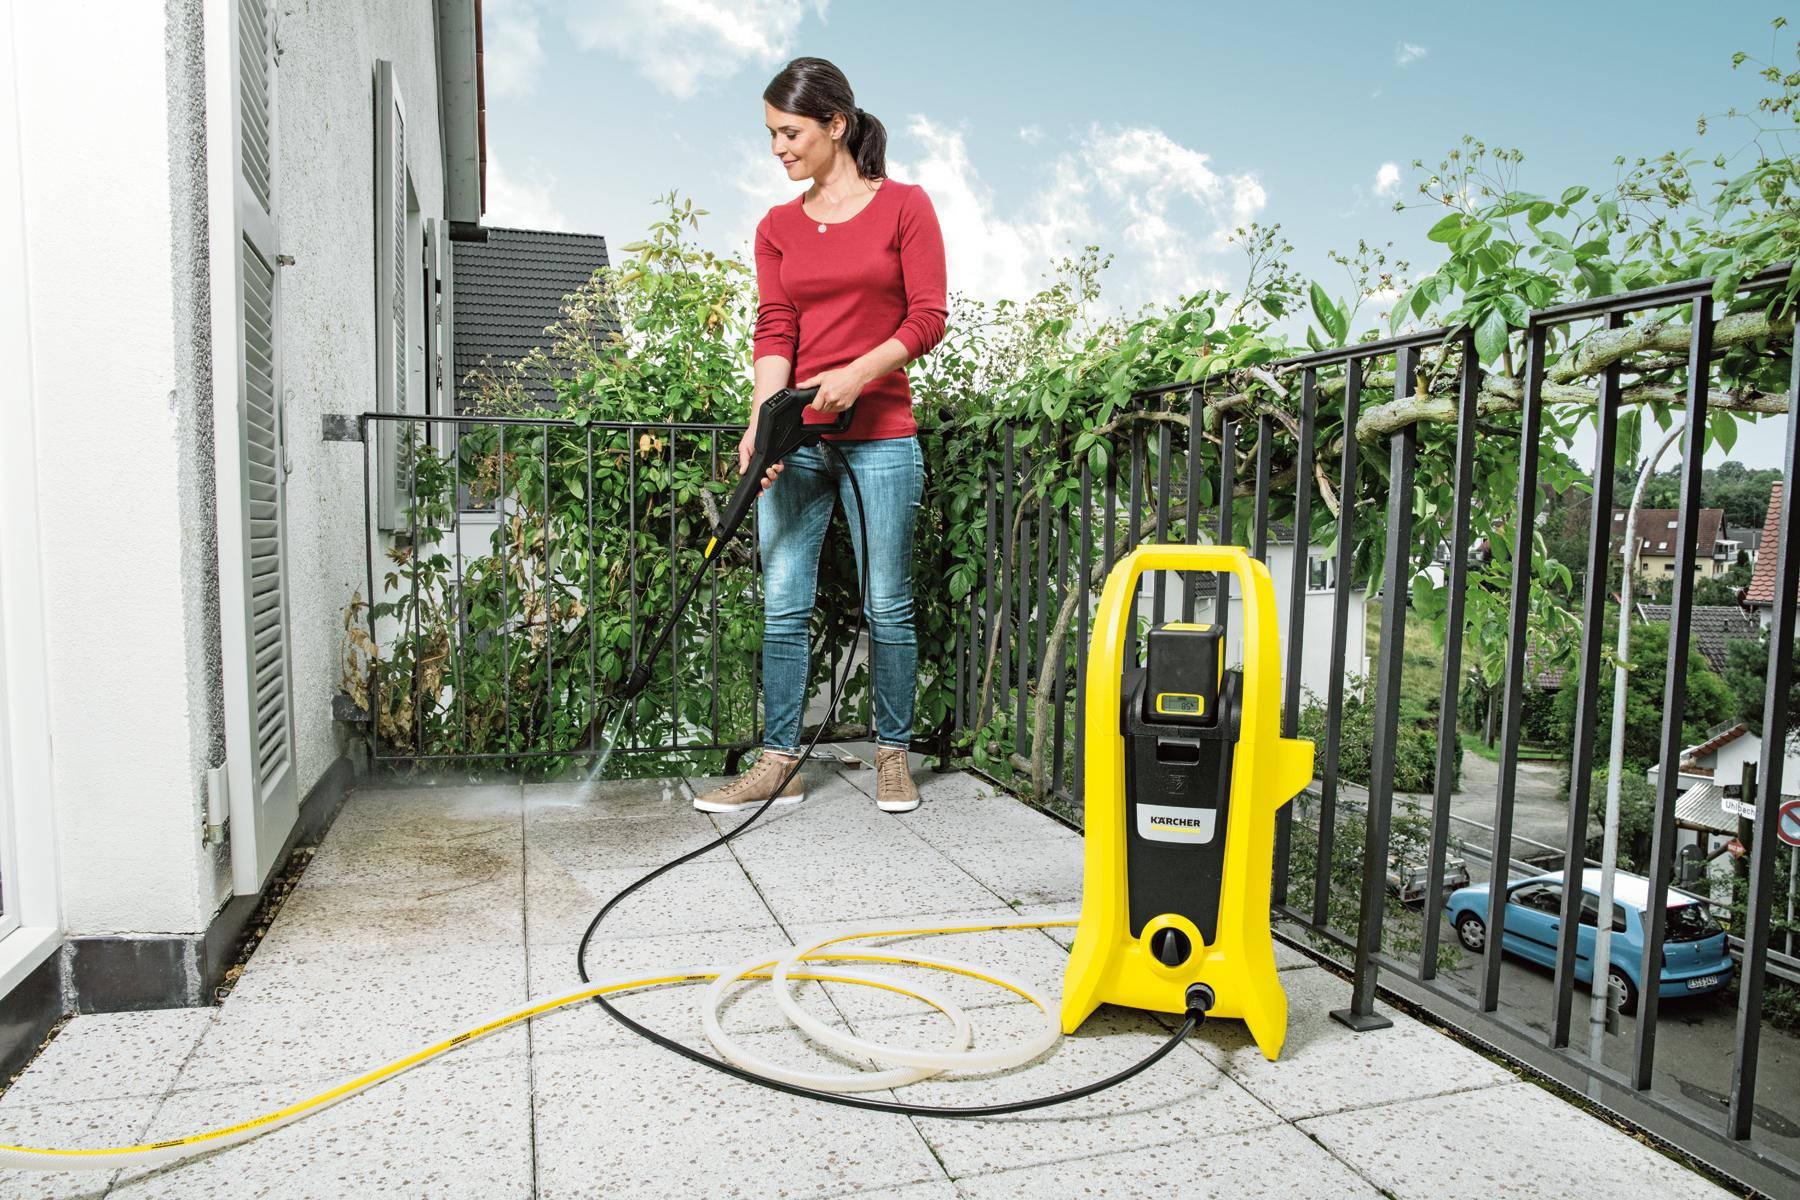 【ケルヒャージャパン】バッテリー式高圧洗浄機 K 2 バッテリーセット 長さ24.5×幅30.3×高さ62.9cm イエロー